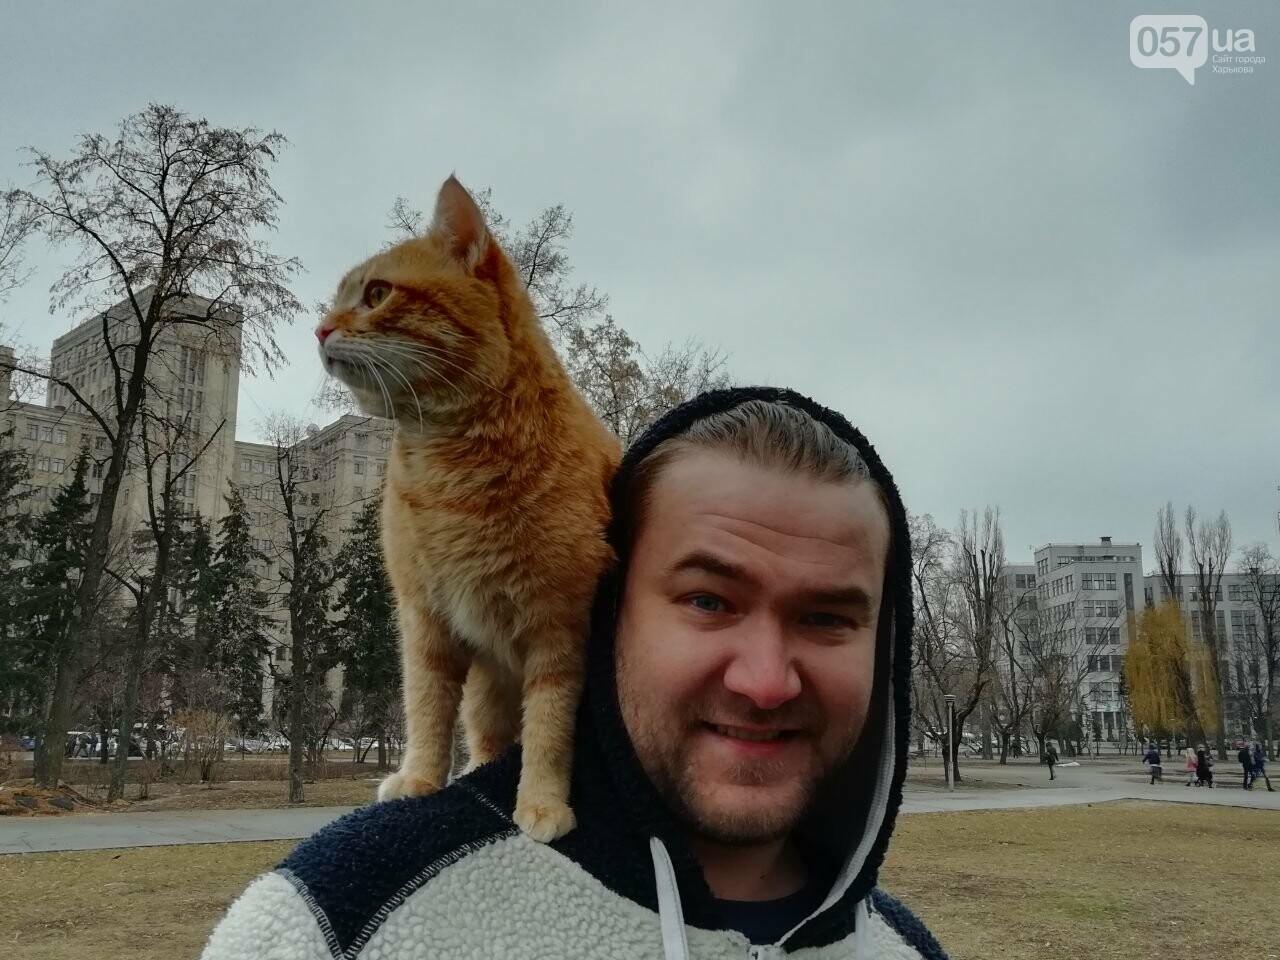 Поездка с котом и большие чаевые. Как харьковский таксист с питомцем возит пассажиров, - ФОТО, фото-9